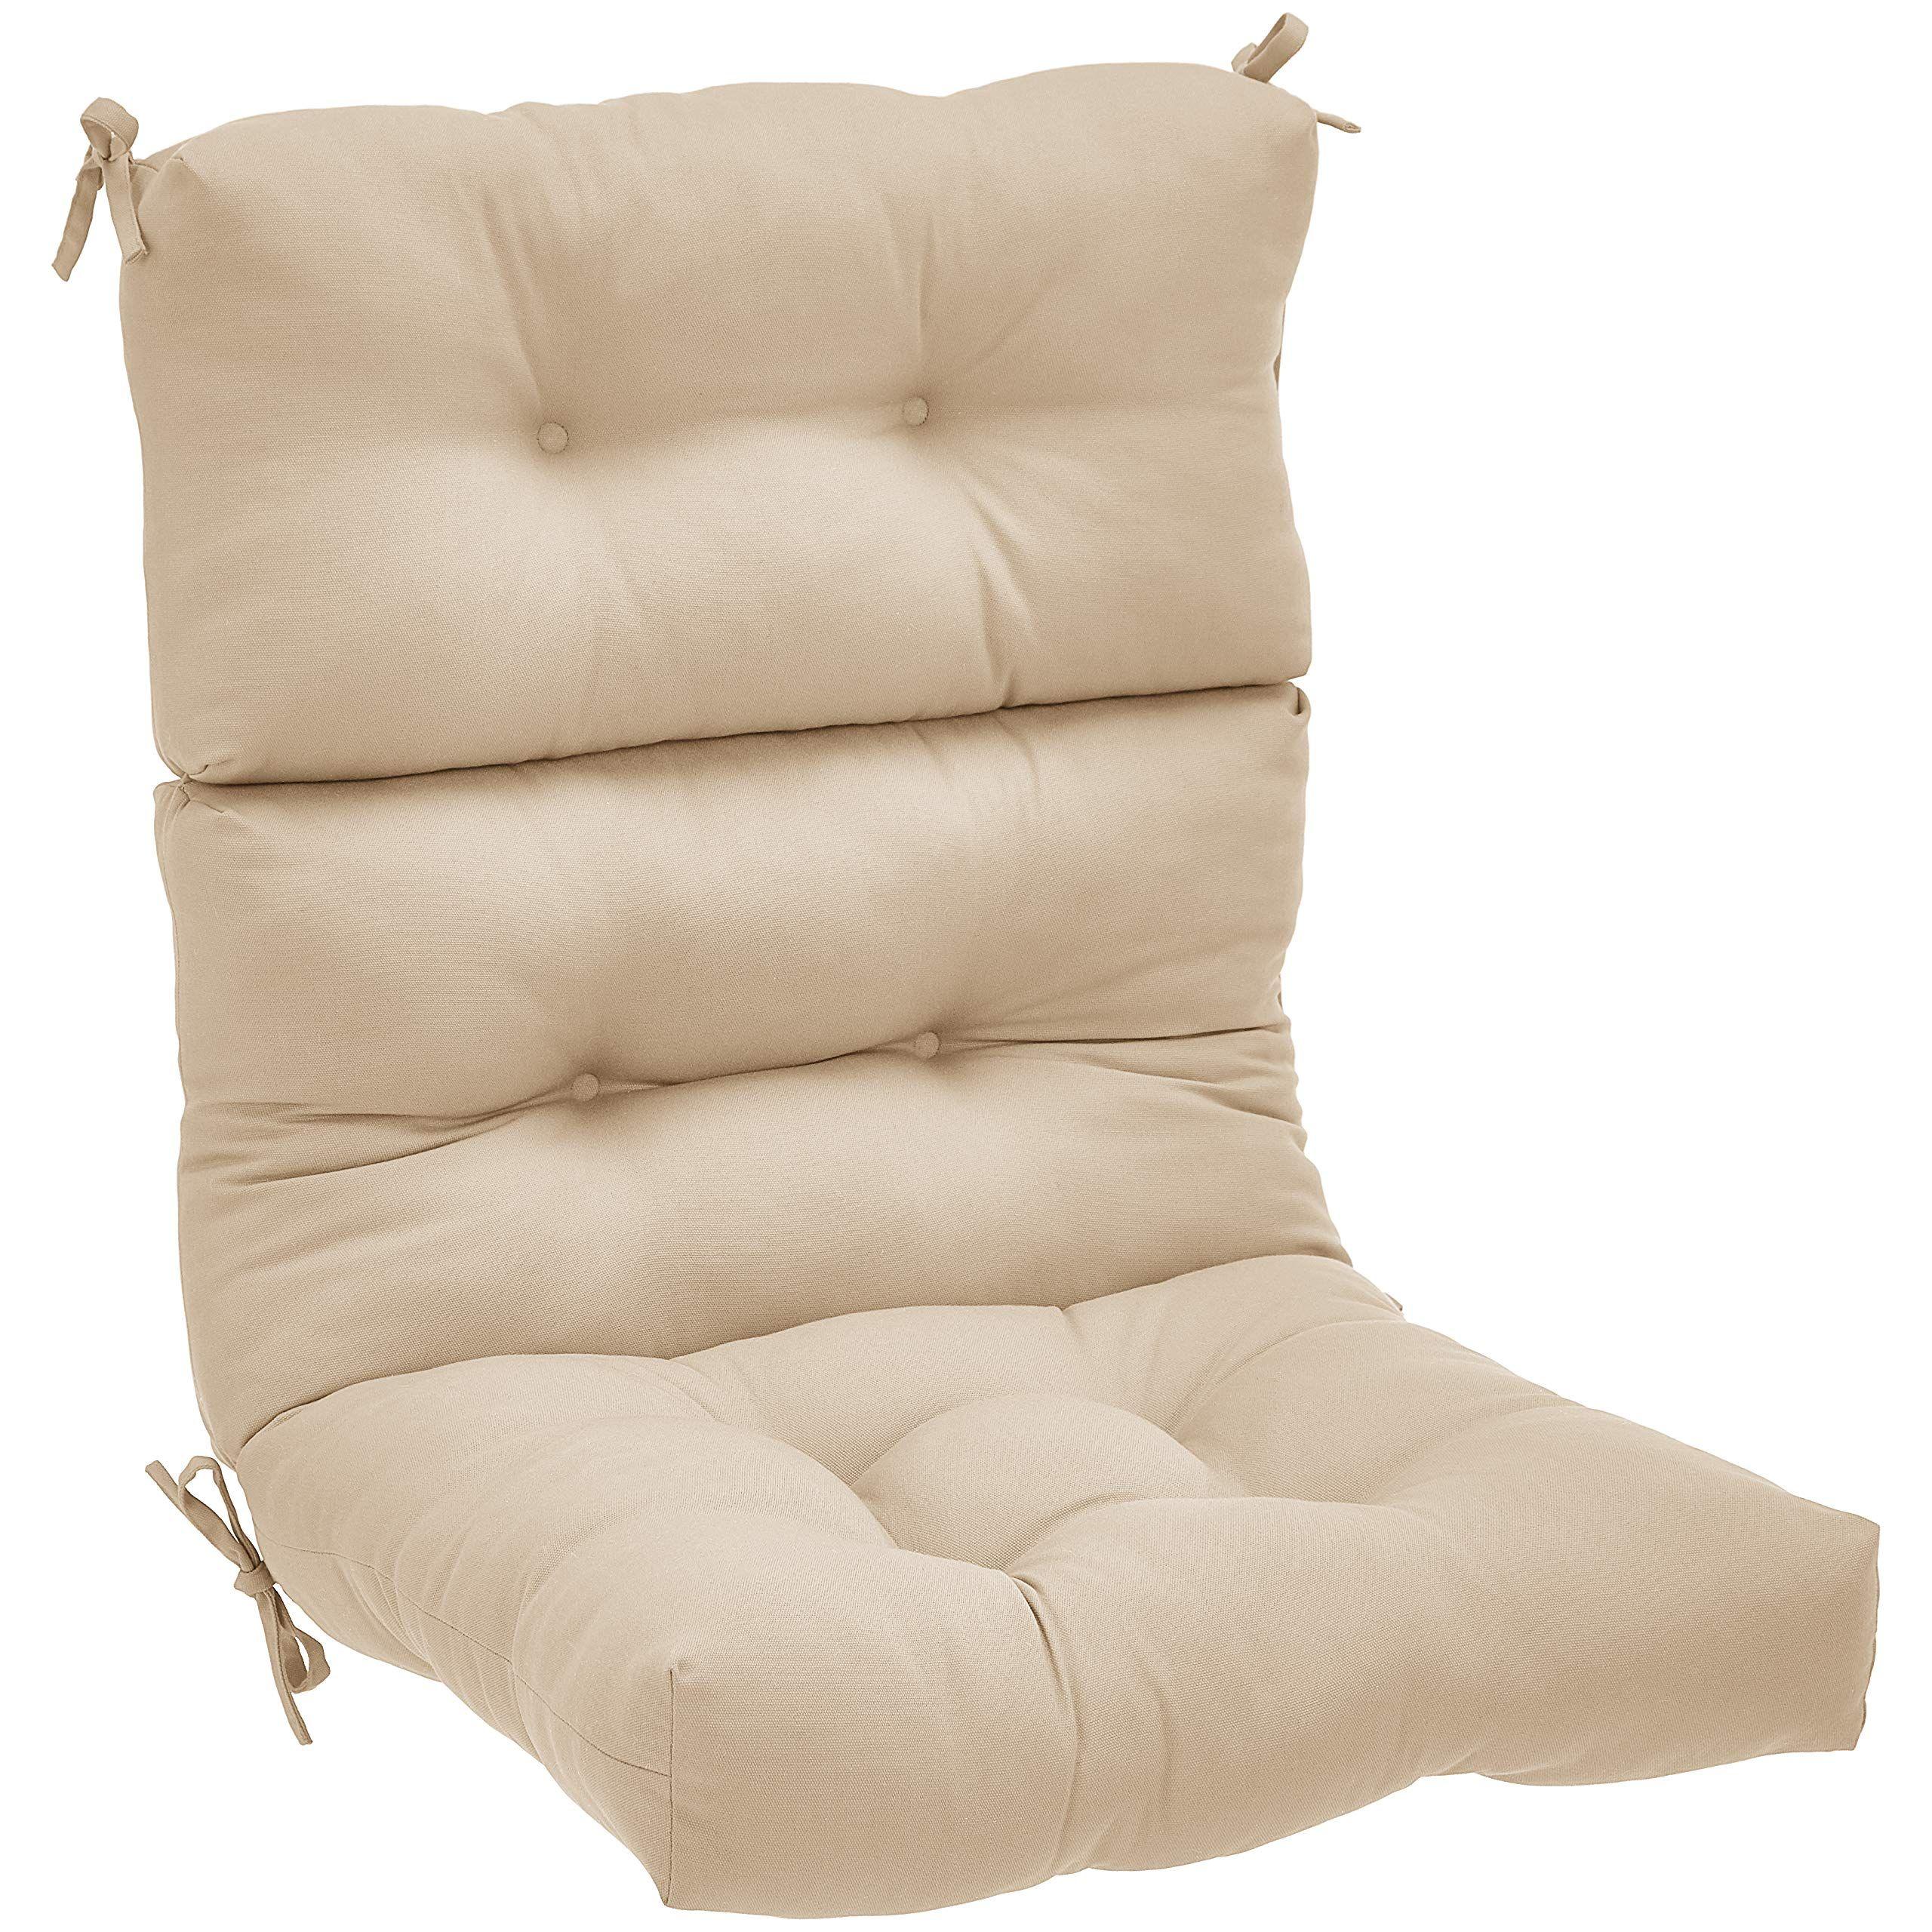 Amazonbasics Tufted Outdoor High Back Patio Chair Cushion Khaki